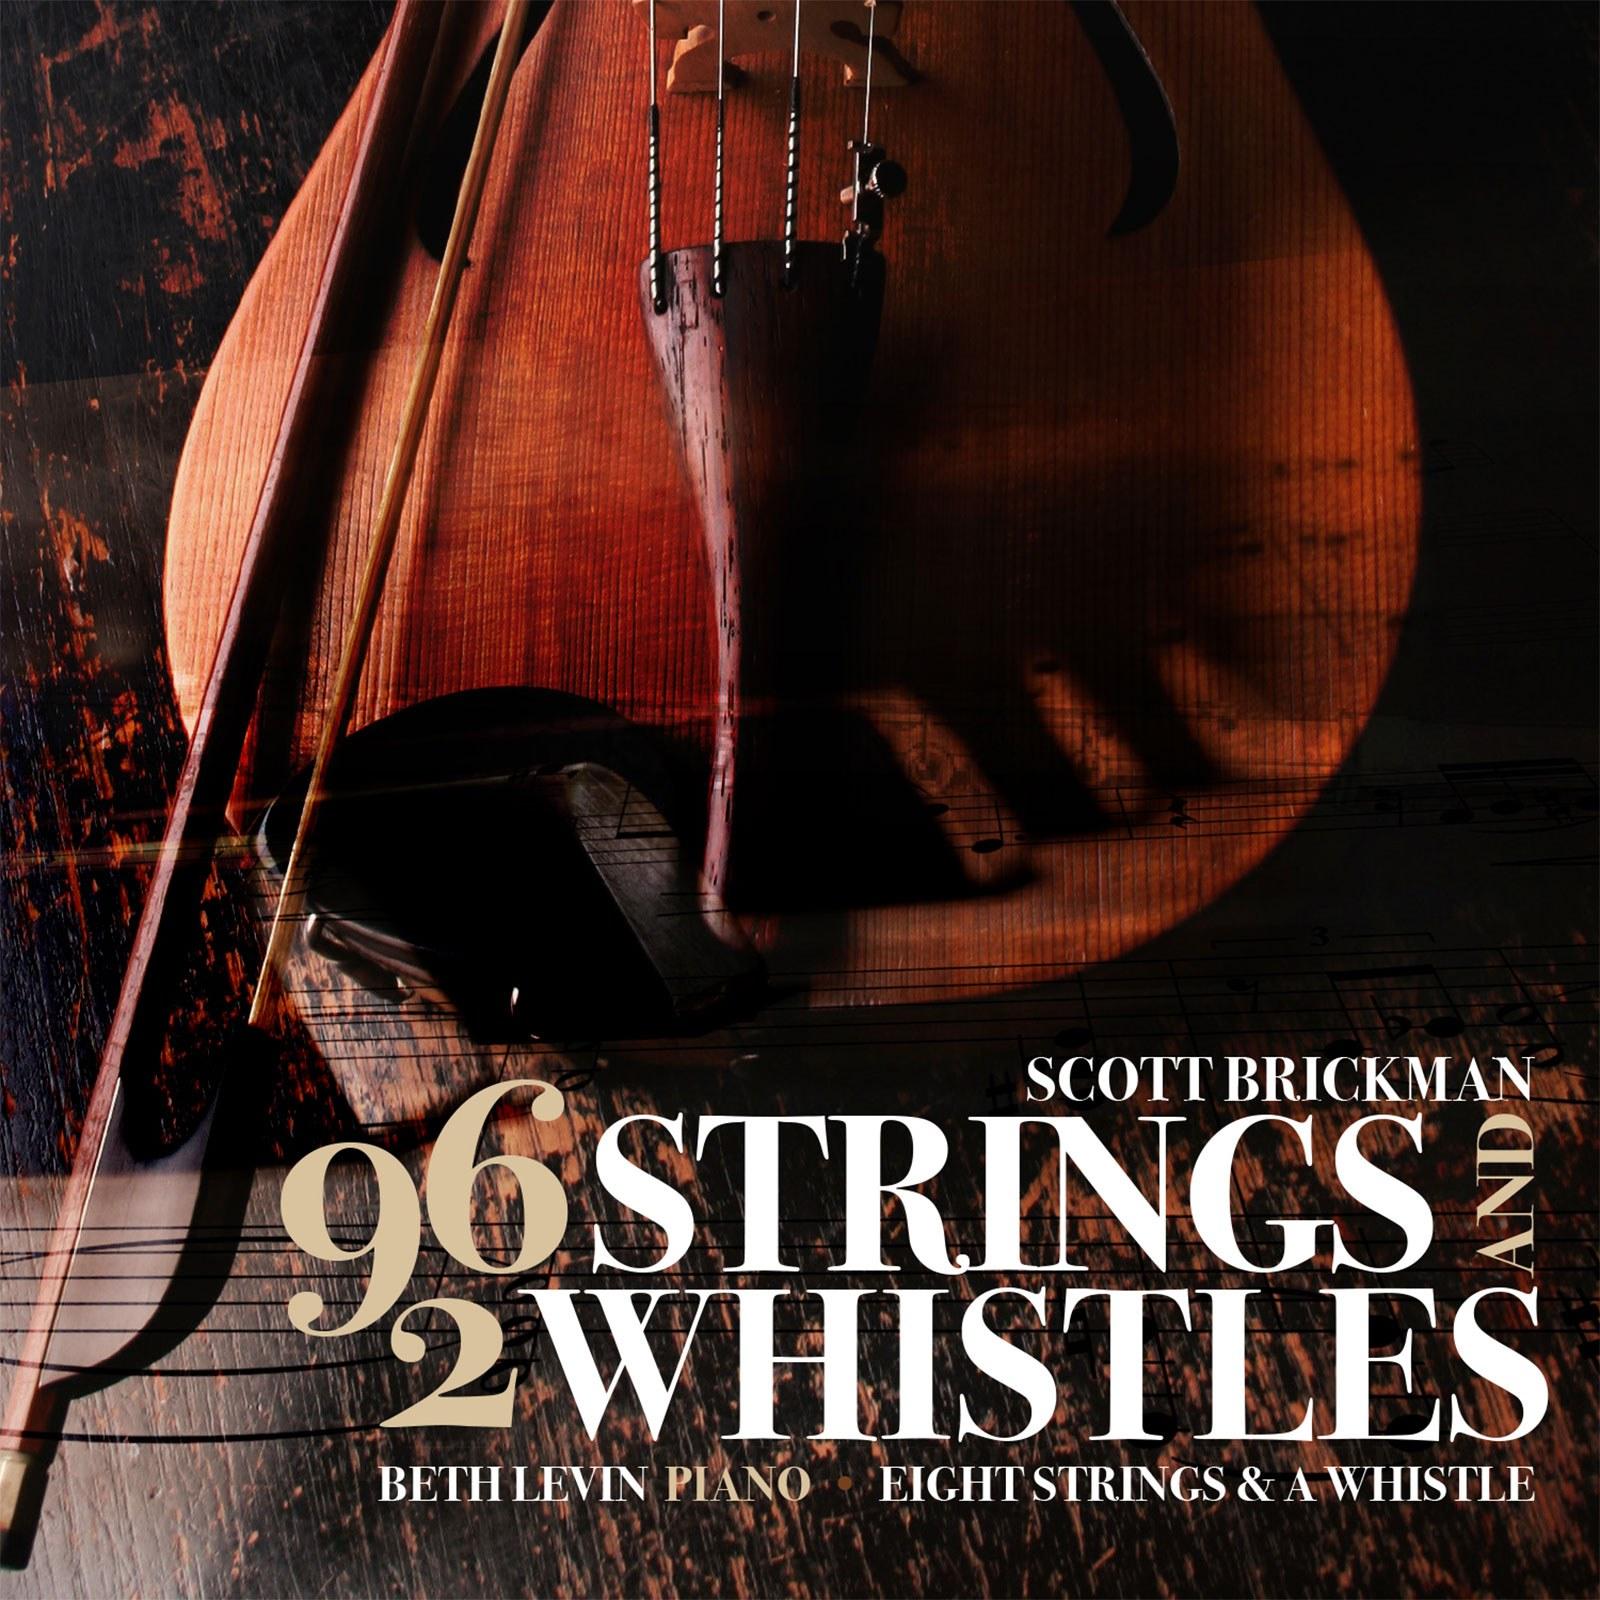 96 STRINGS & 2 WHISTLES - Album Cover